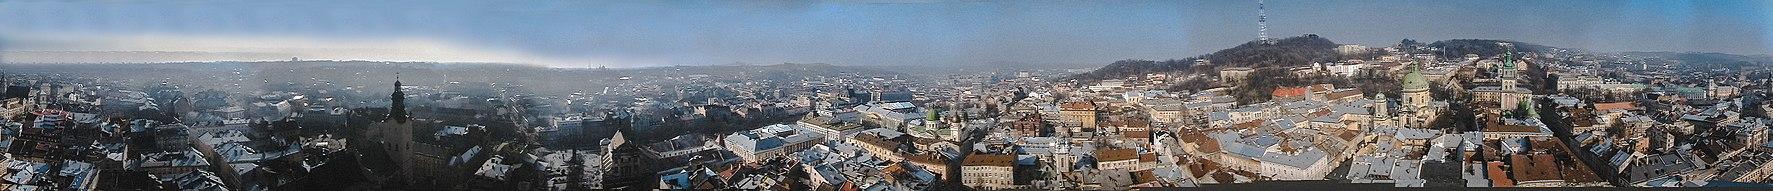 Панорама центру Львова з Ратуші (2007) 3b3b24bd01c9b